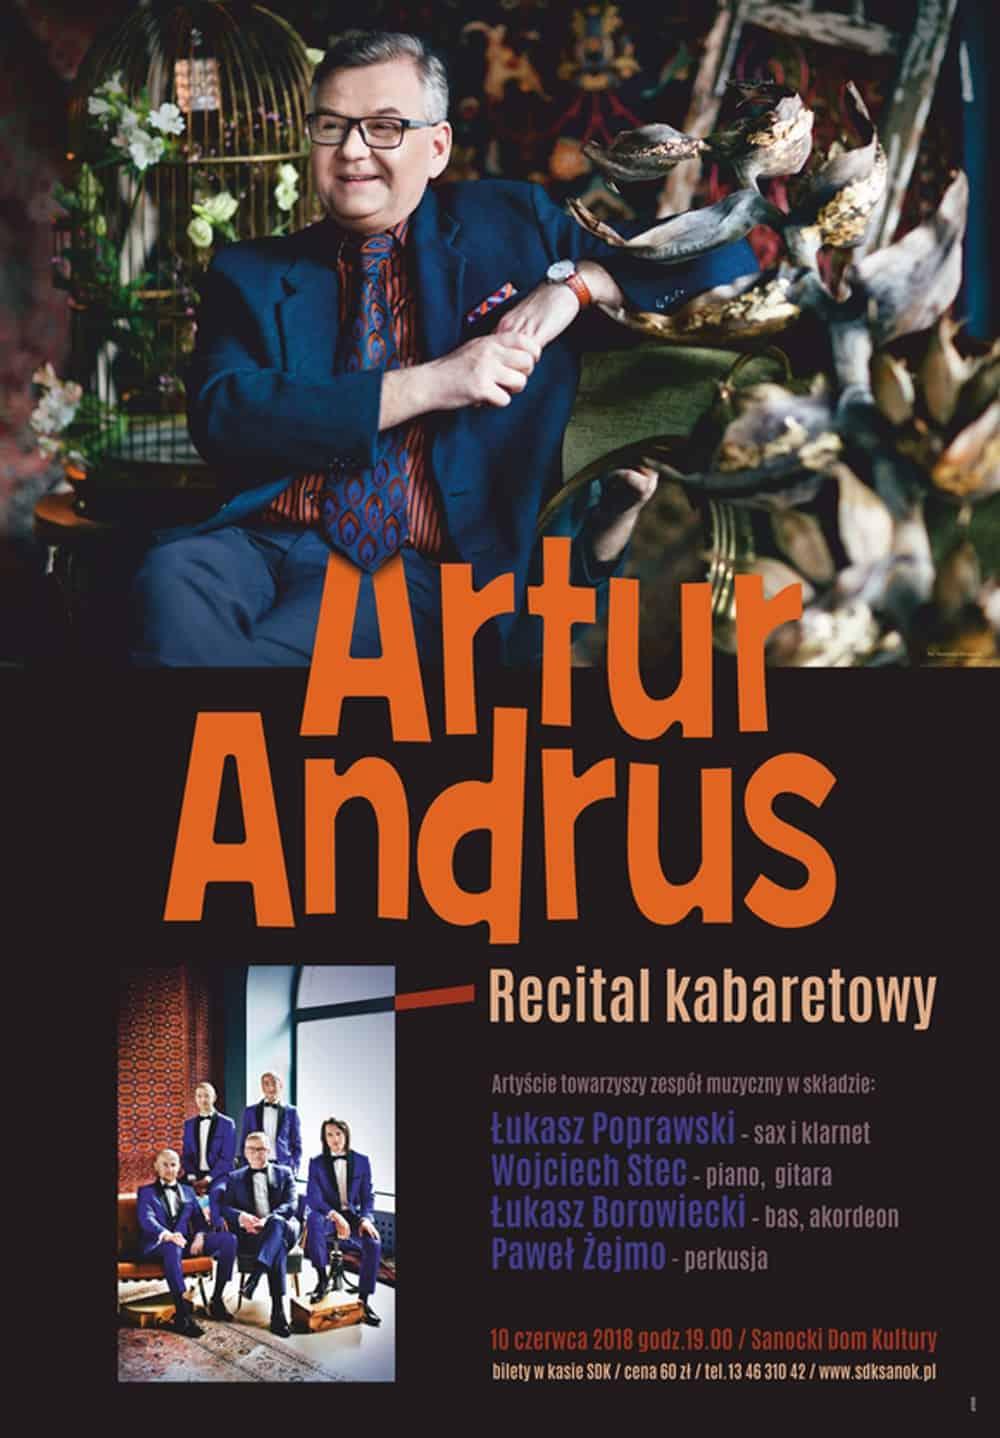 Atrur Andrus w sdk